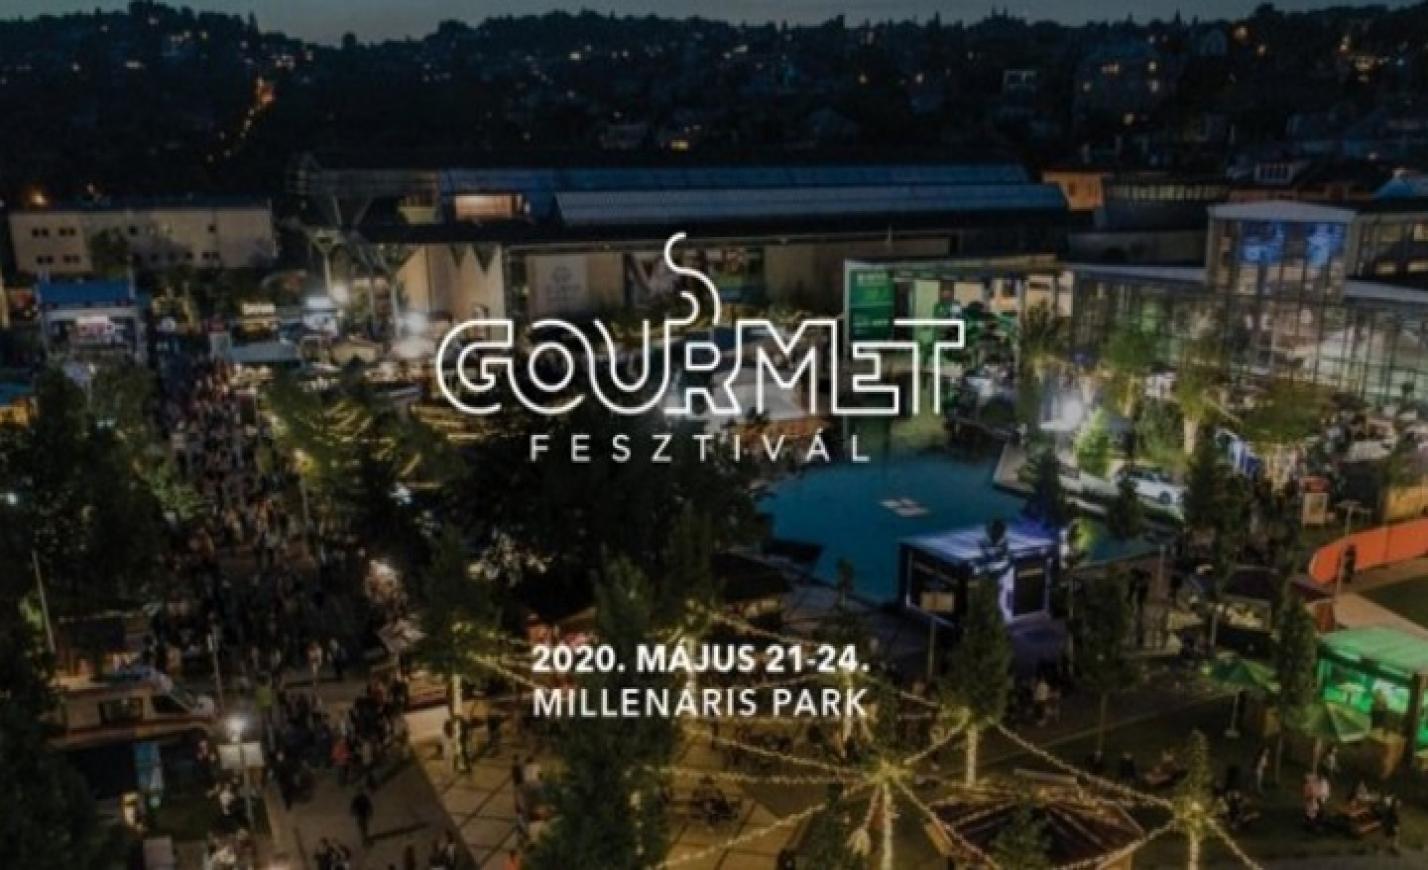 Gourmet Fesztivál: tizedszer rendezik meg májusban a gasztrofesztivált